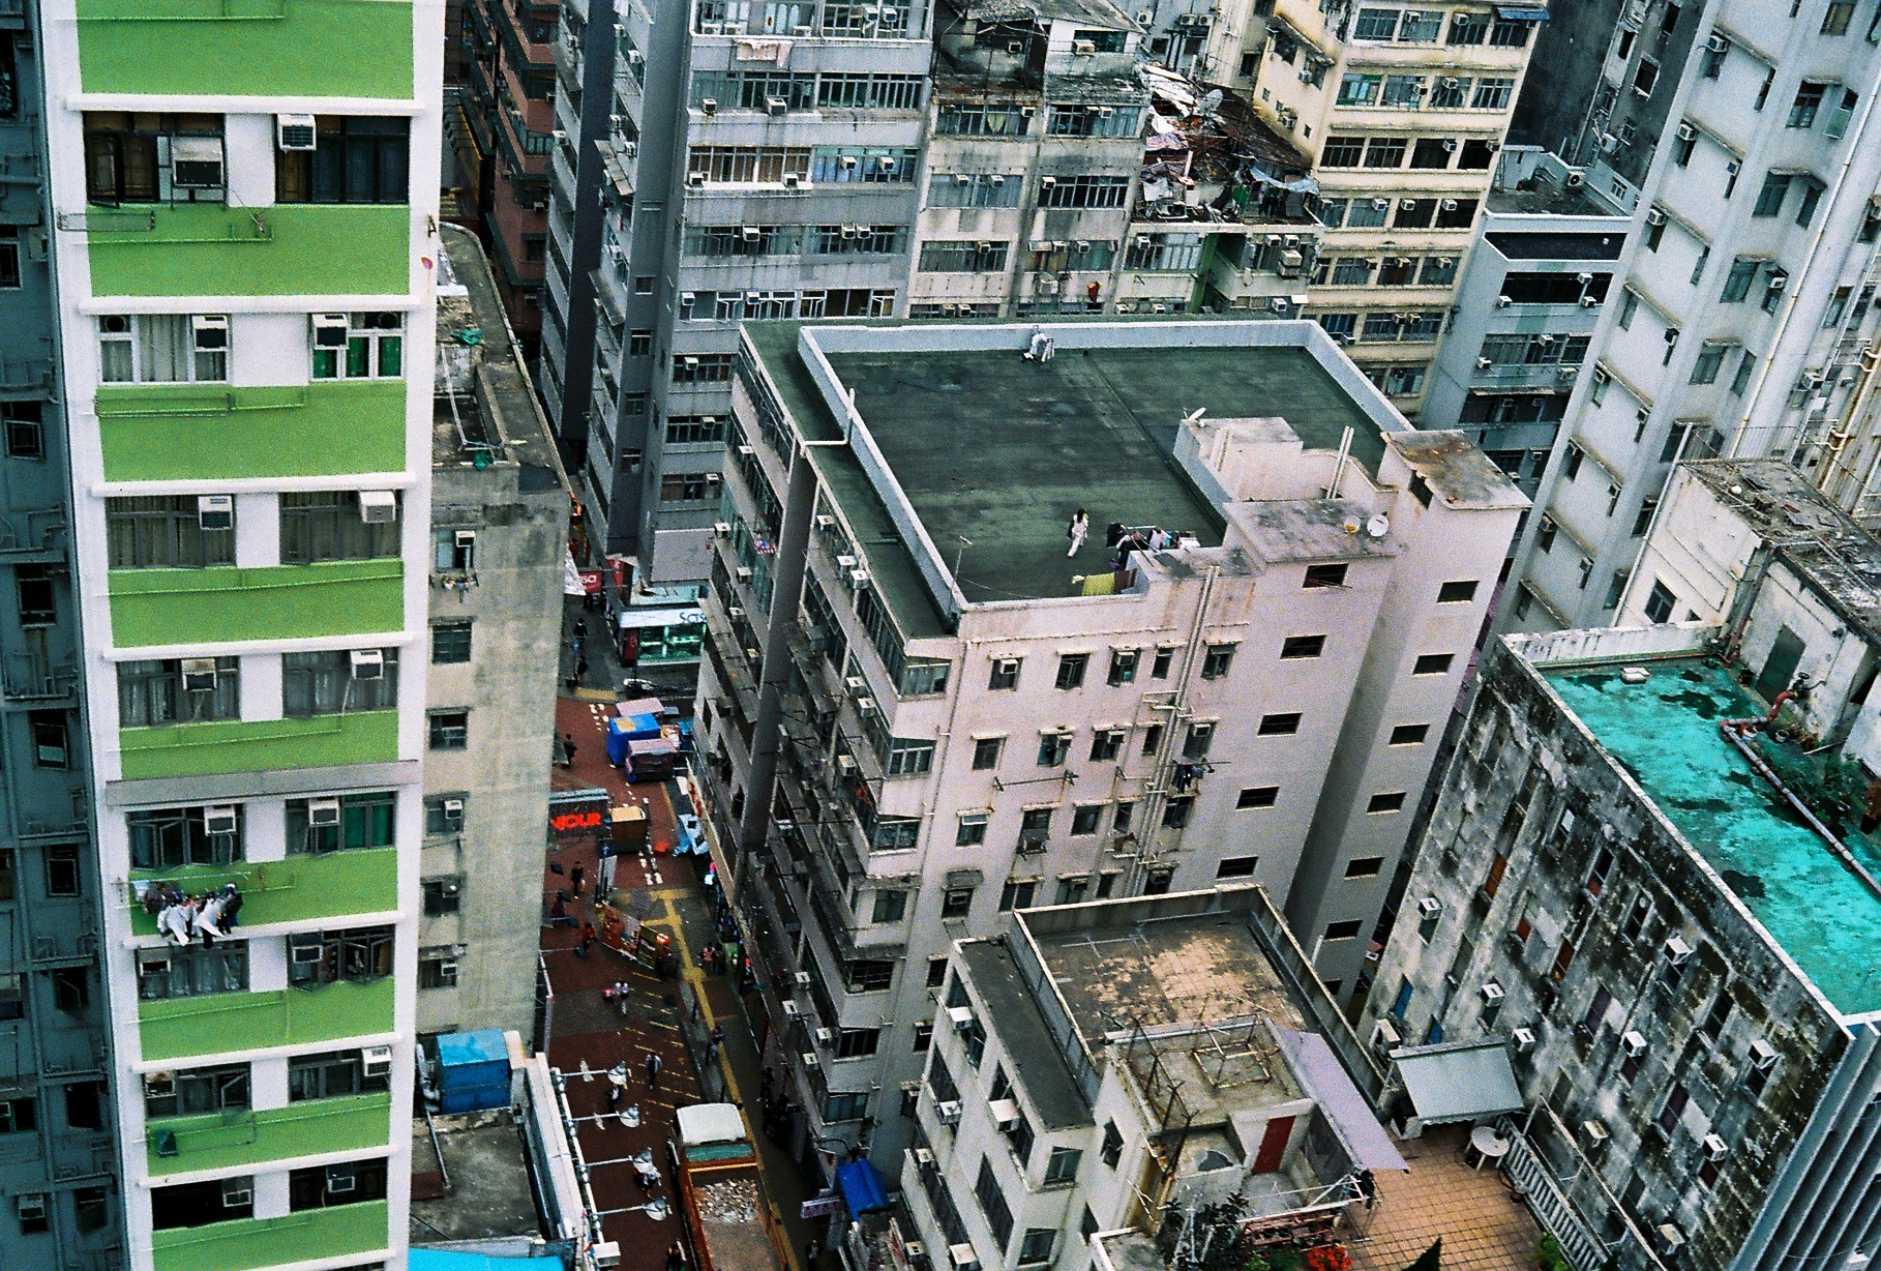 Bringing the washing in. Mong Kok, Hong Kong. 2015